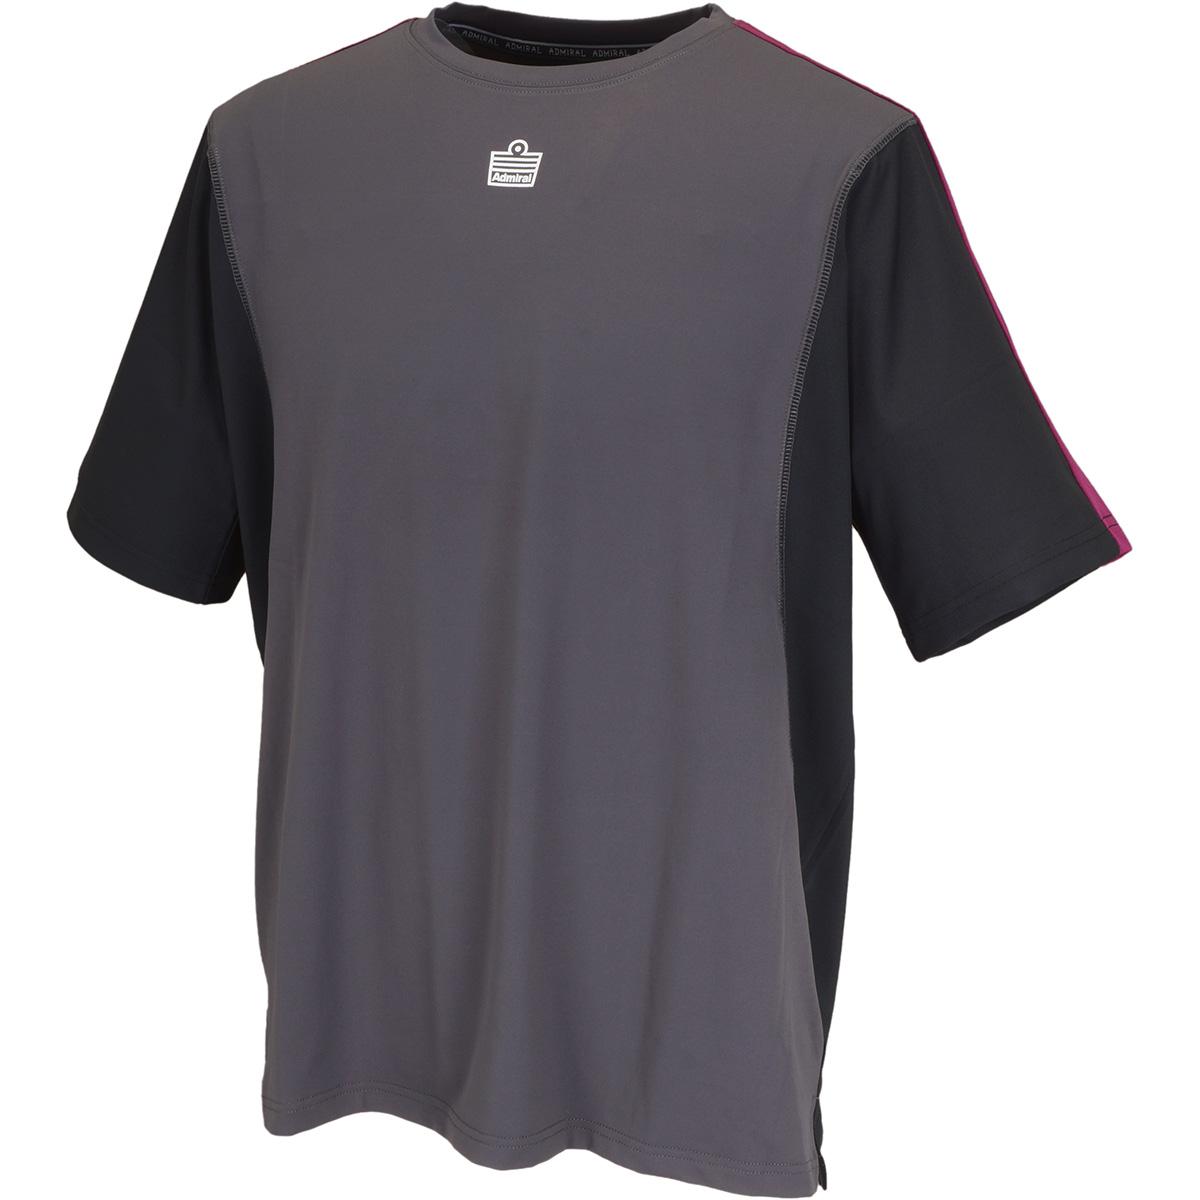 バイカラーゲーム半袖Tシャツ